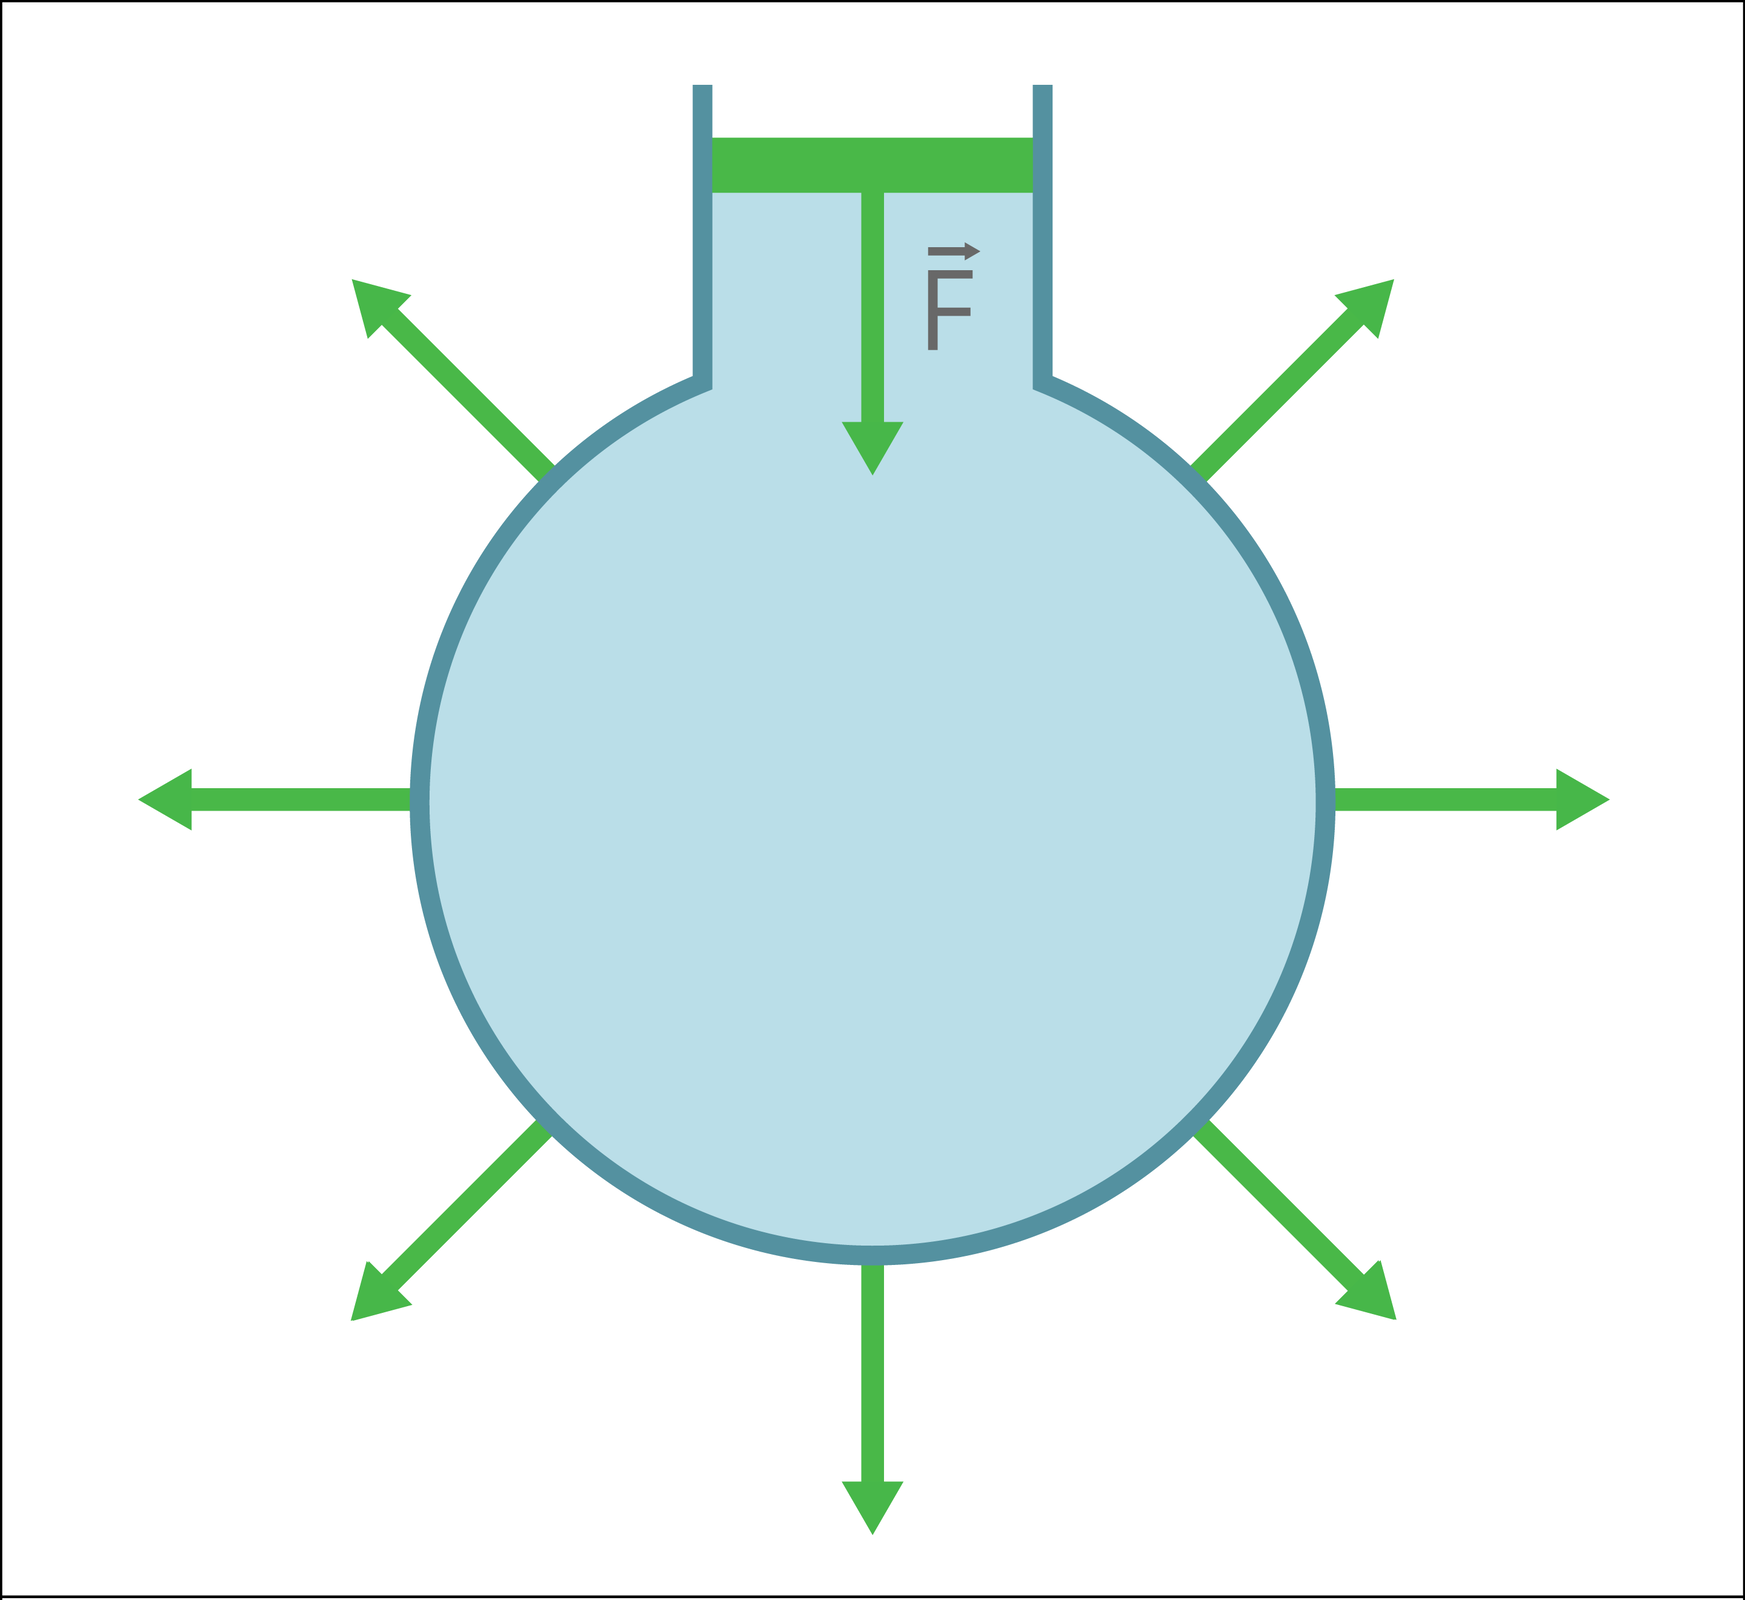 """Ilustracja przedstawia zbiornik zcieczą. Tło białe. Zbiornik wkształcie kuli. Wypełnienie jasnobłękitne. Od góry otwór wlotowy do zbiornika. Wlot zbiornika """"zamknięty"""" zieloną linią. Od zielonej linii, pionowo wdół zwrócona strzałka. Strzałka oznaczona symbolem siły F. Po zewnętrznej stronie zbiornika, od ścian, odchodzi siedem zielonych strzałek. Strzałki znajdują się wrównych odstępach od siebie. Wszystkie mają taką samą długość."""